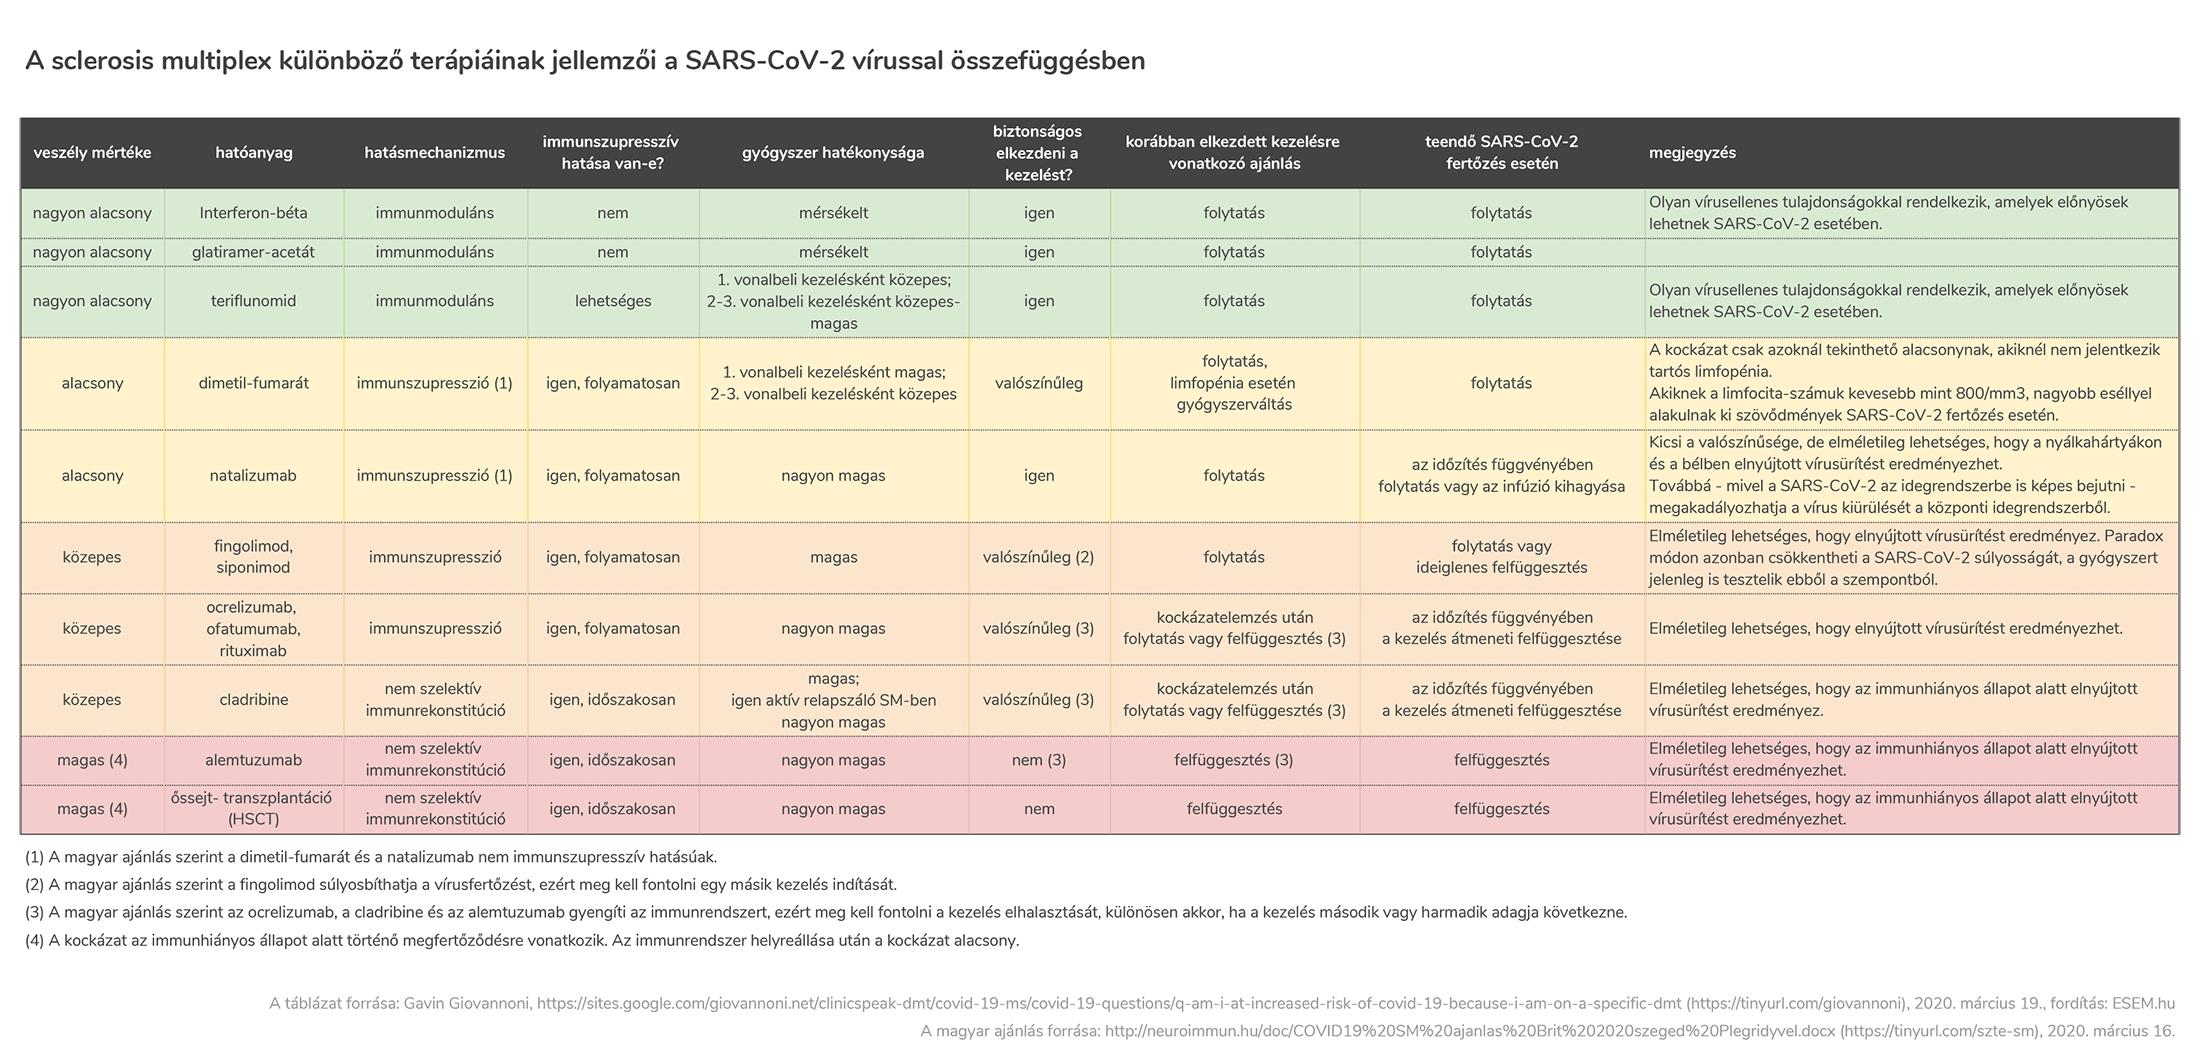 A sclerosis multiplex különböző terápiáinak jellemzői a SARS-CoV-2 vírussal összefüggésben